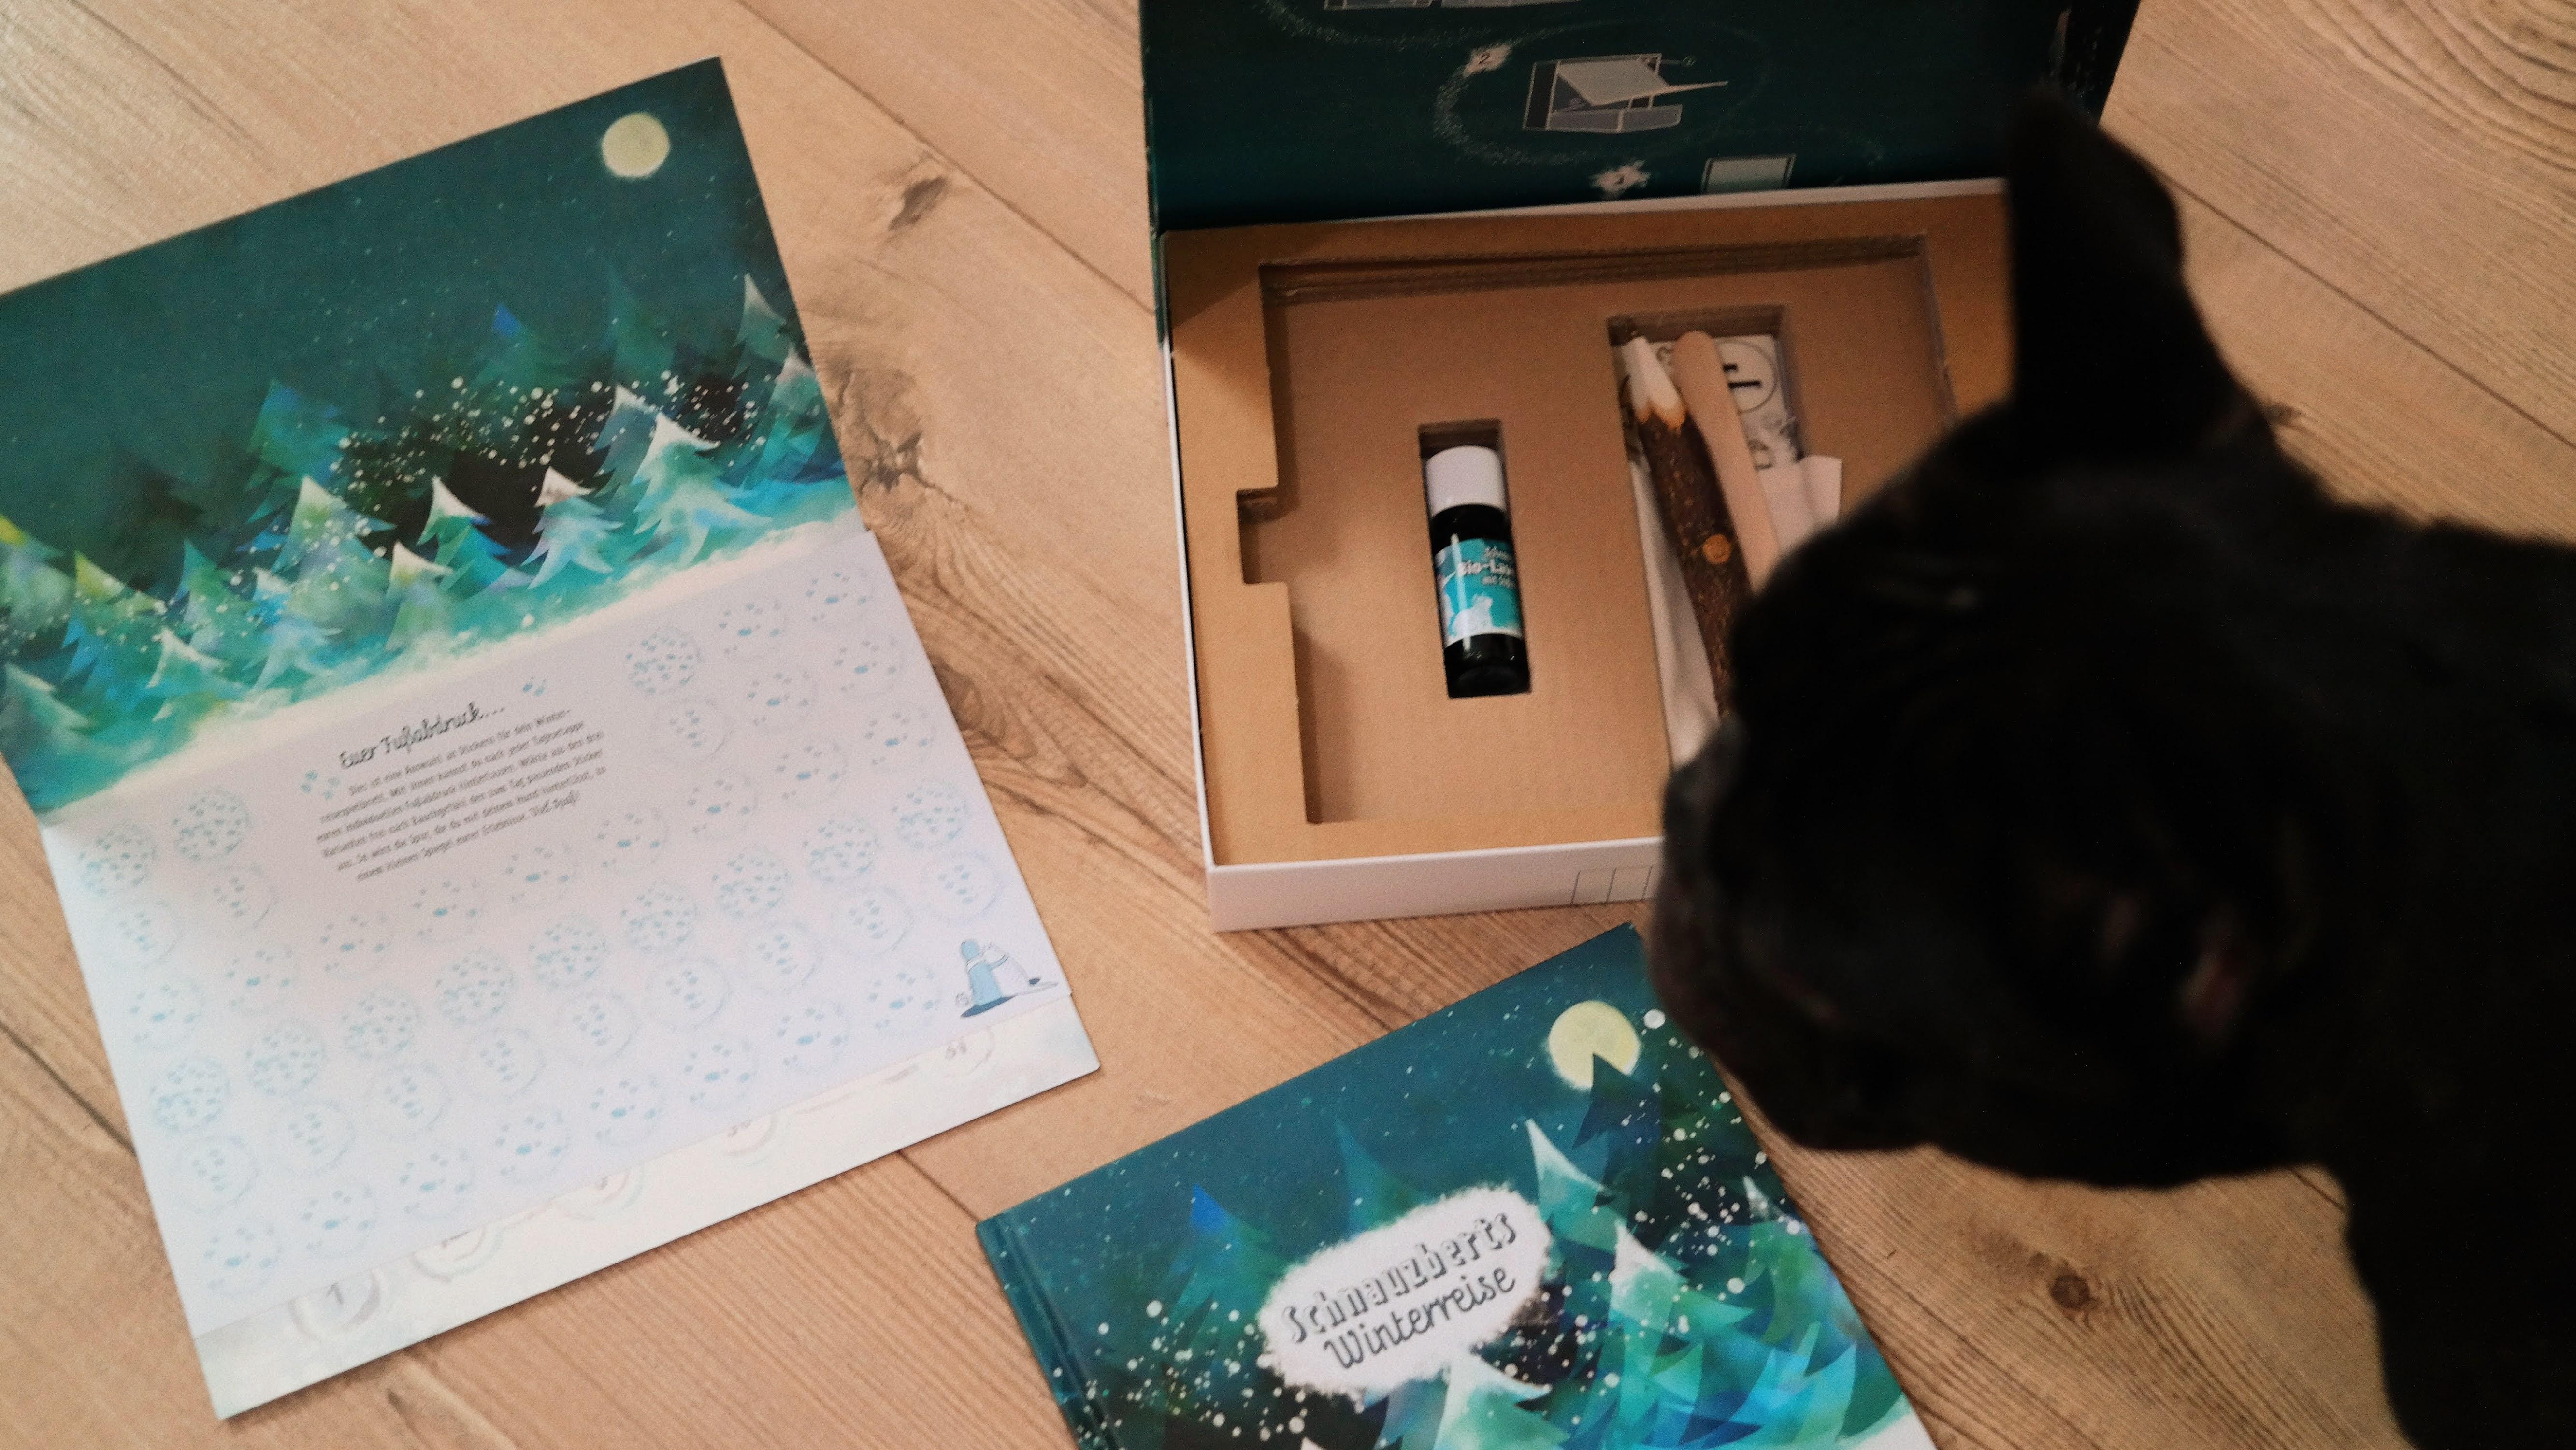 Bentley bloggt | Heute über einen Adventskalender für Menschen und Hunde - Schnauzberts Winterreise